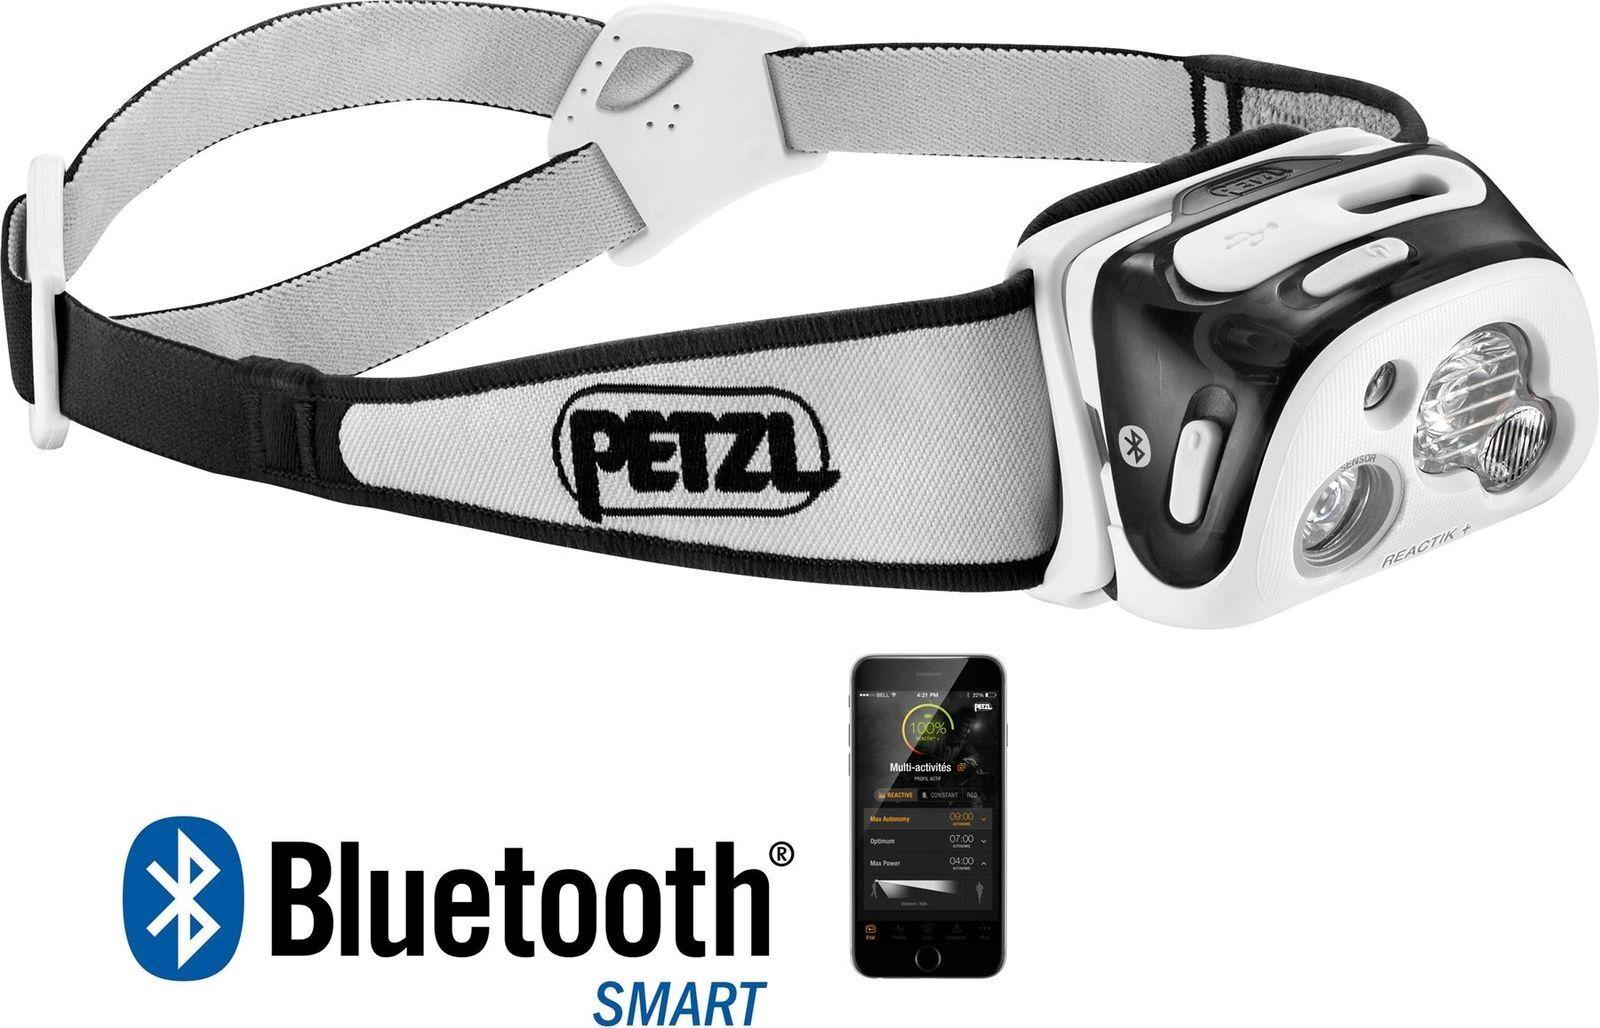 Petzl reactik + Lm 300 Lm + Negro Faro de pesca  Modelo 2018  Entrega Gratis 212ea2